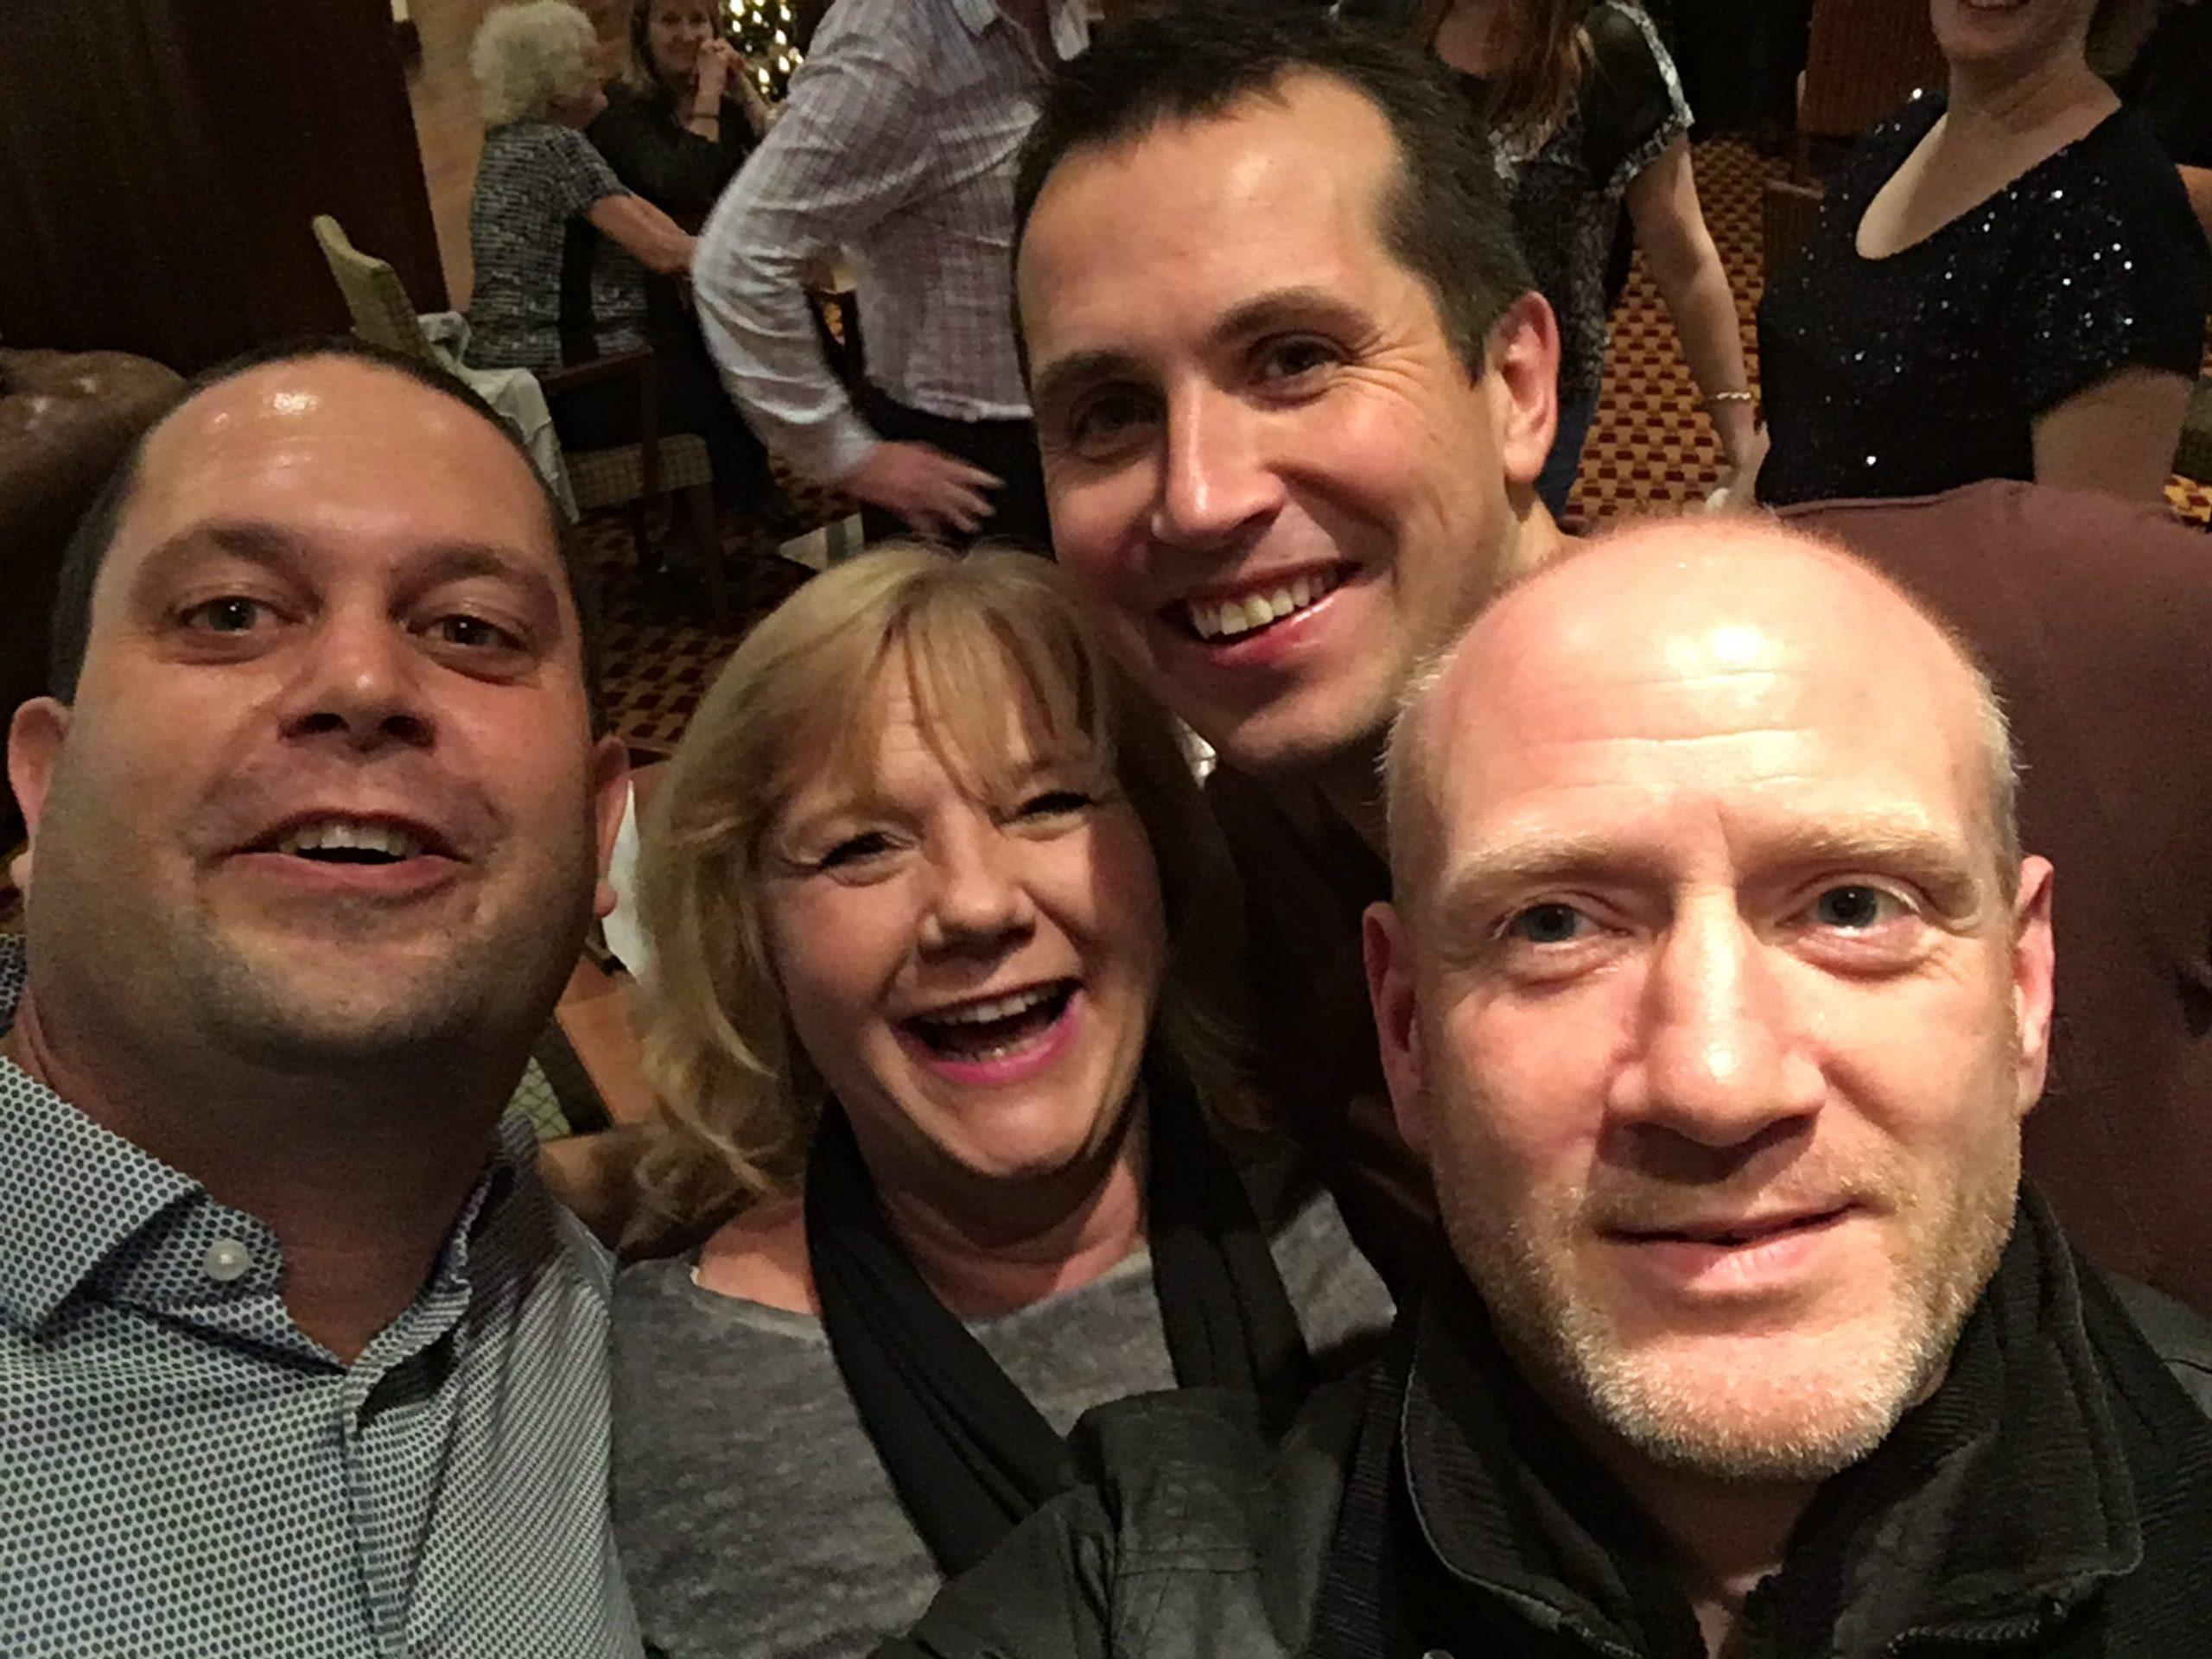 Myles, Sue, Neil and Scott